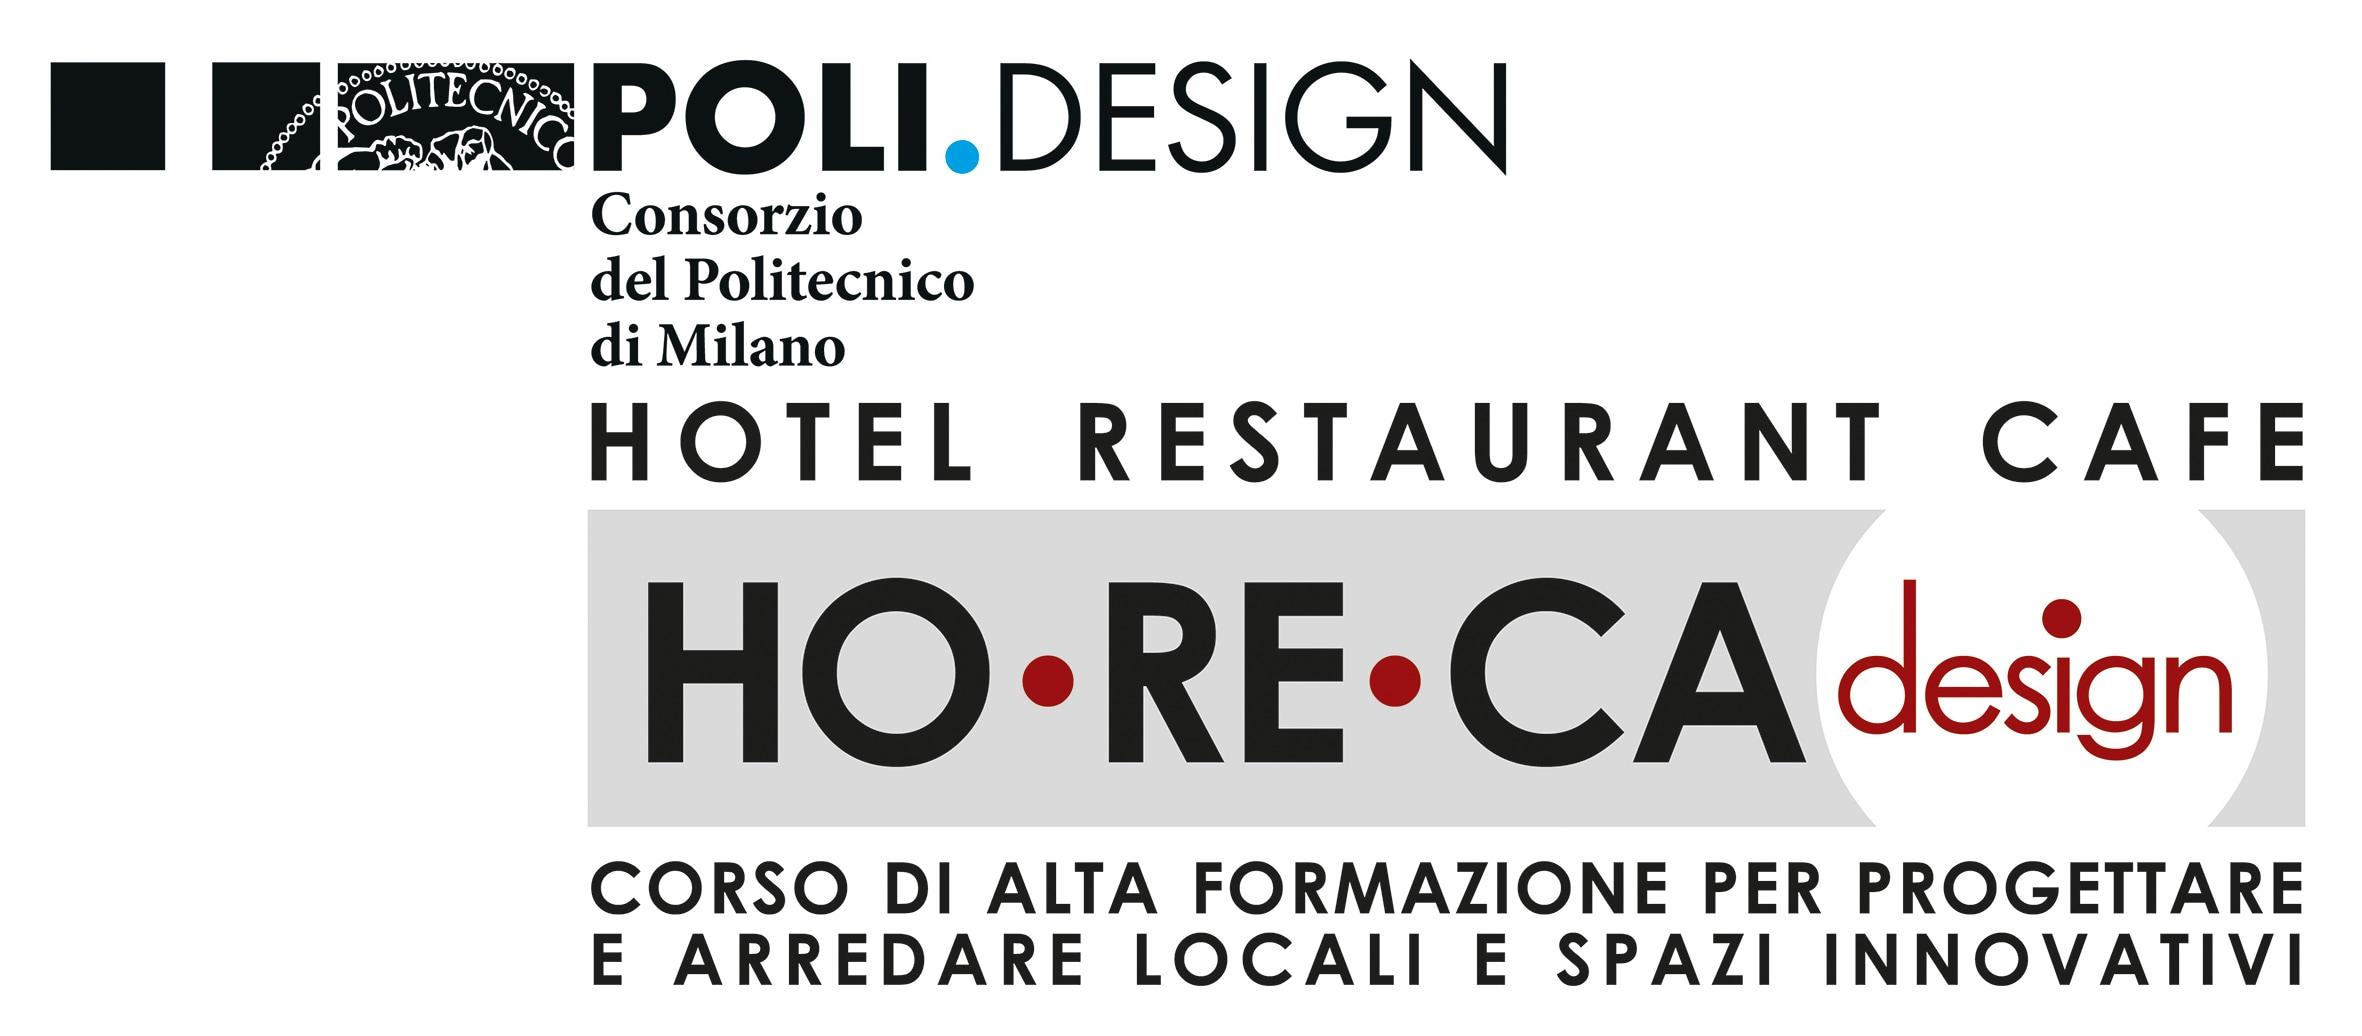 Nuovo corso HoReCa Design di POLI.design